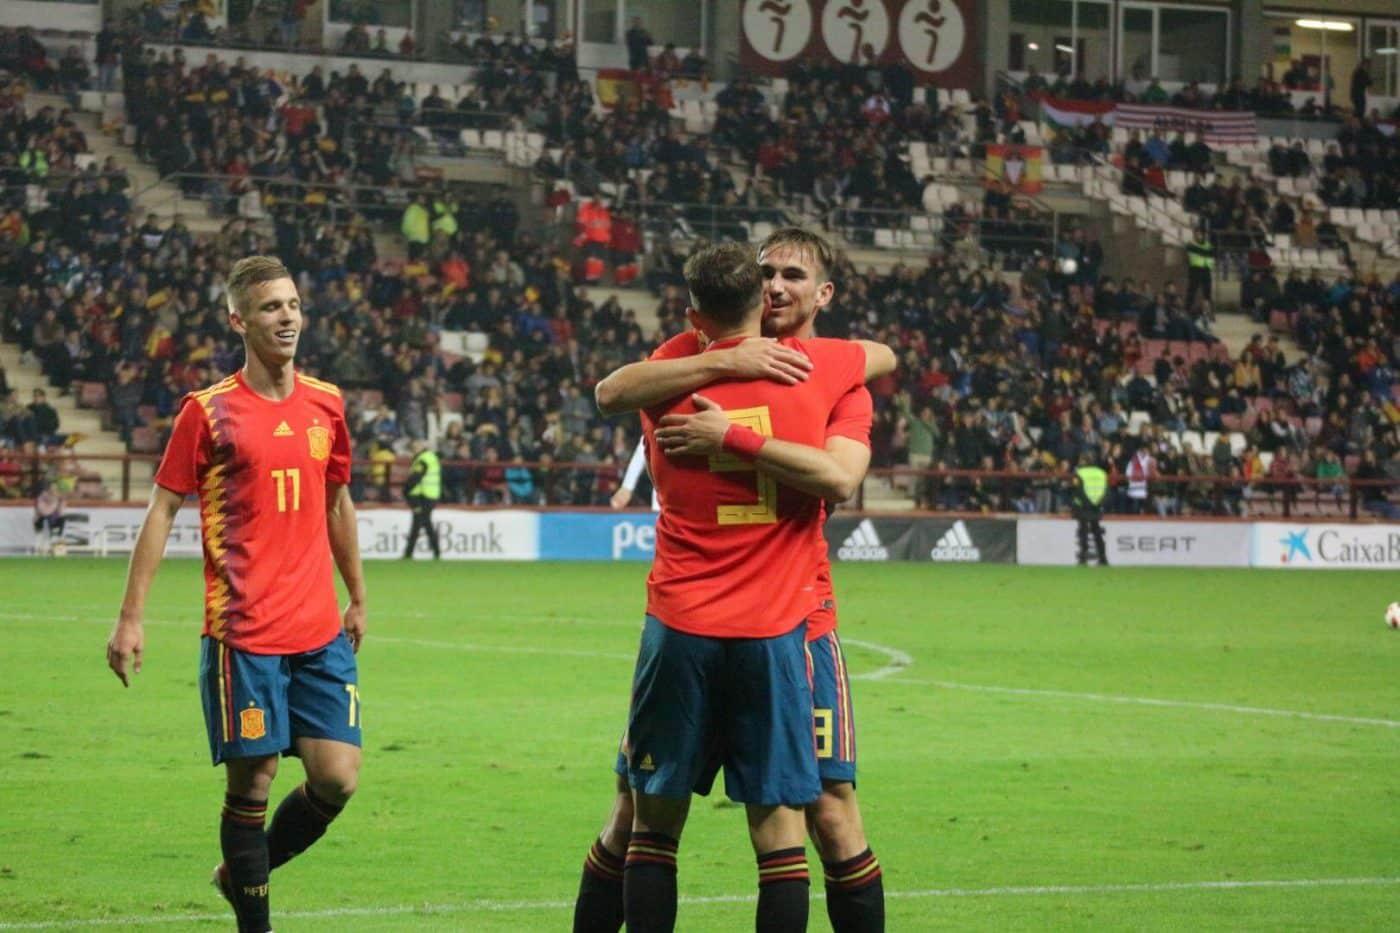 La Sub-21 de Luis de la Fuente remonta y golea en Las Gaunas 21